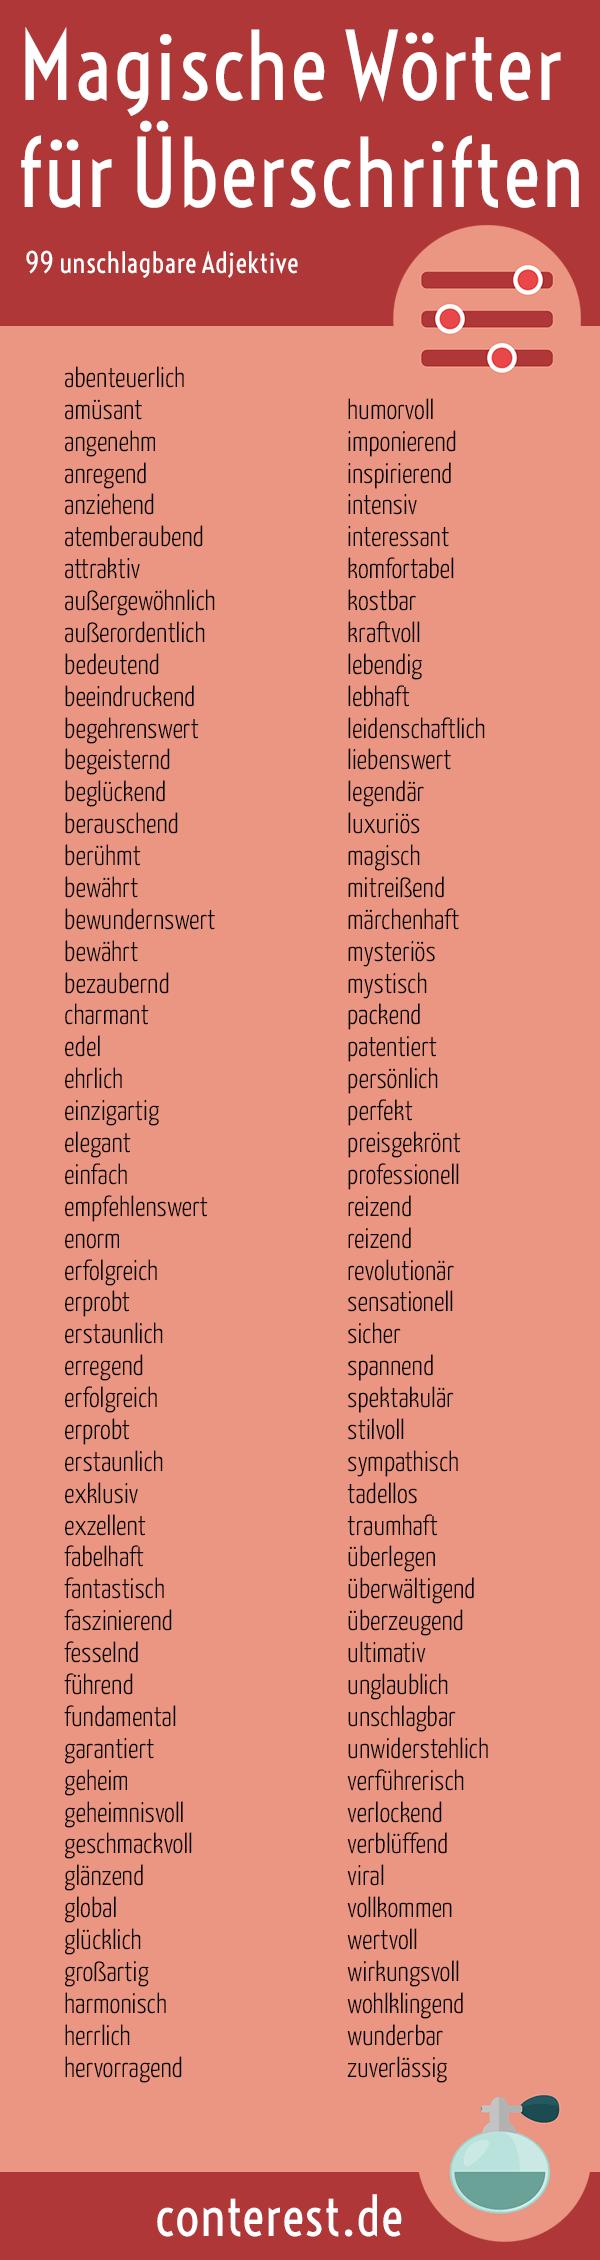 99 Magische Wörter für unschlagbare Überschriften